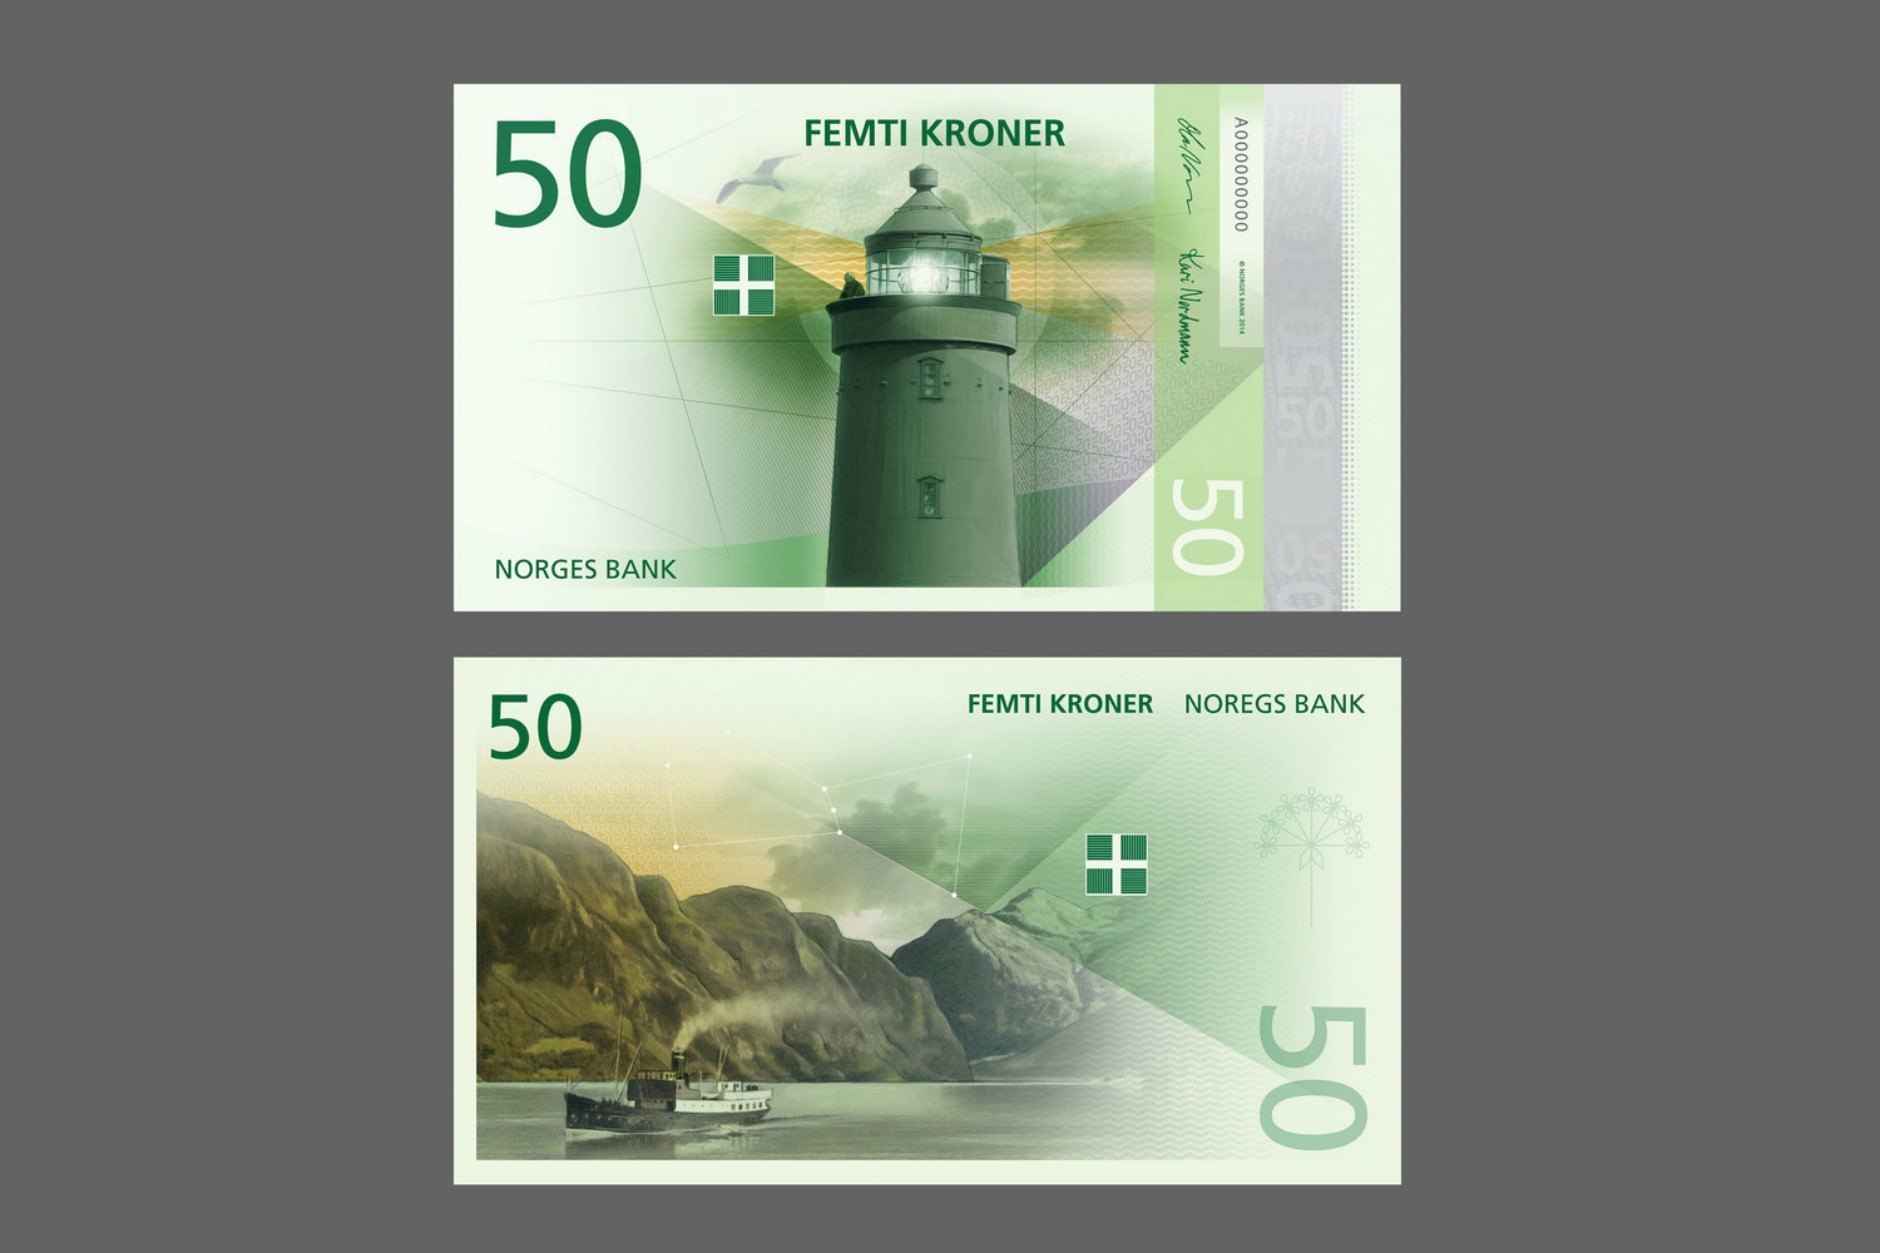 50 banknotes